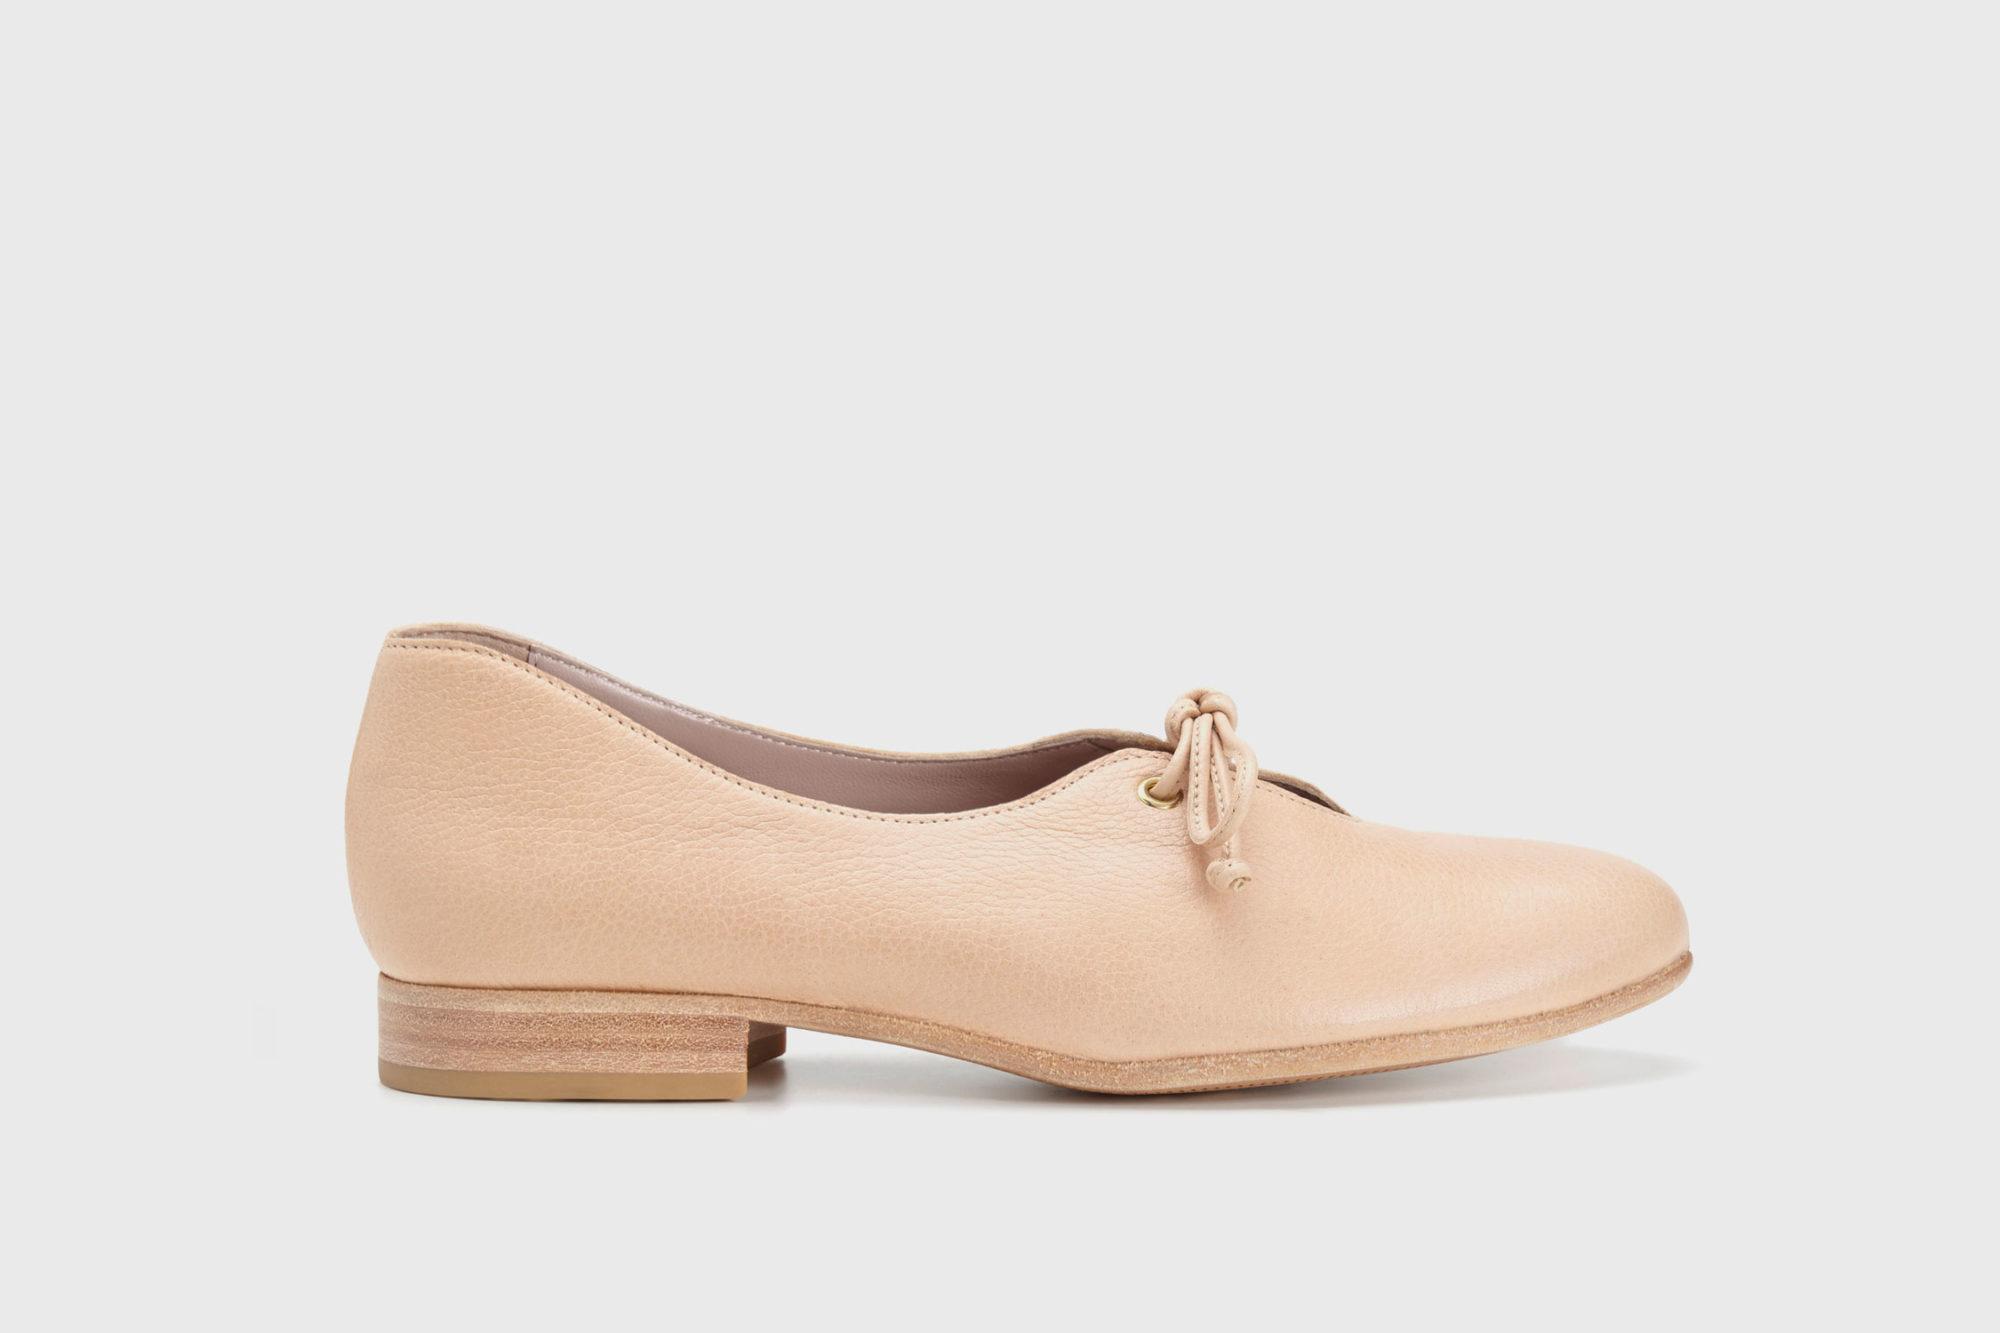 Dorotea zapato de cordones Carrie nude ss17 perfil